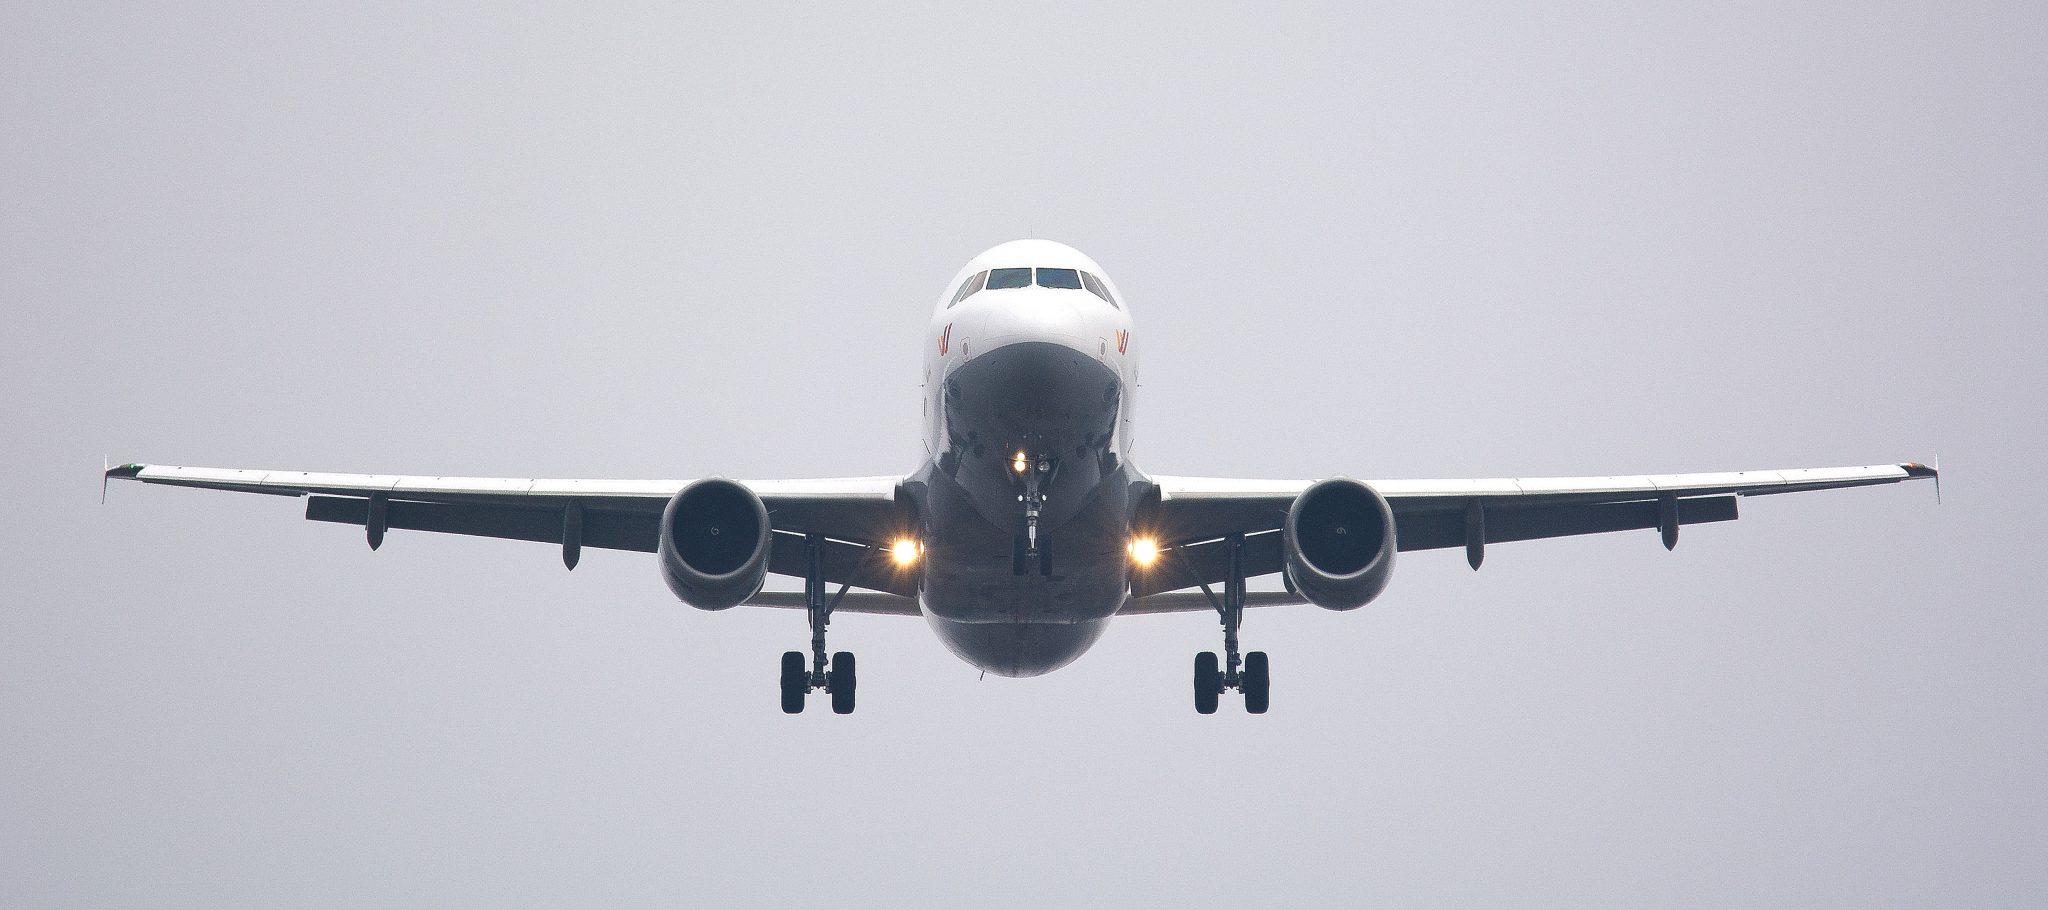 Jak latać z pneumatyczną kamizelką ratunkową?